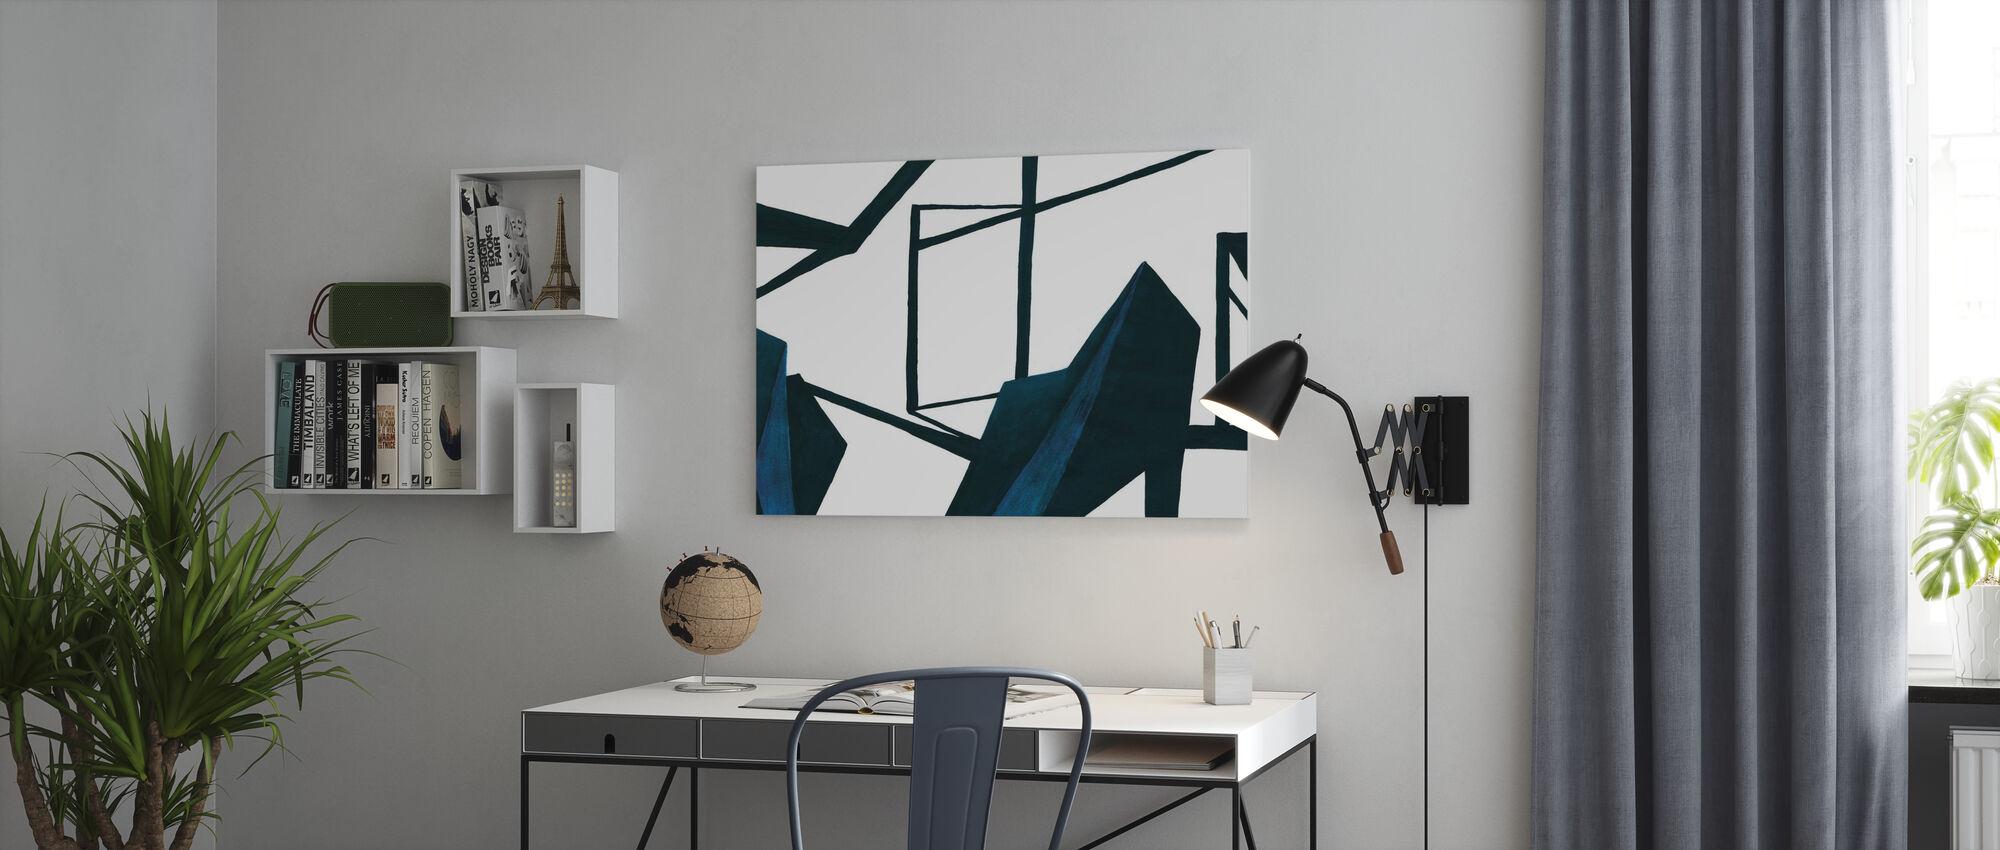 Tässä huoneessa - Canvastaulu - Toimisto